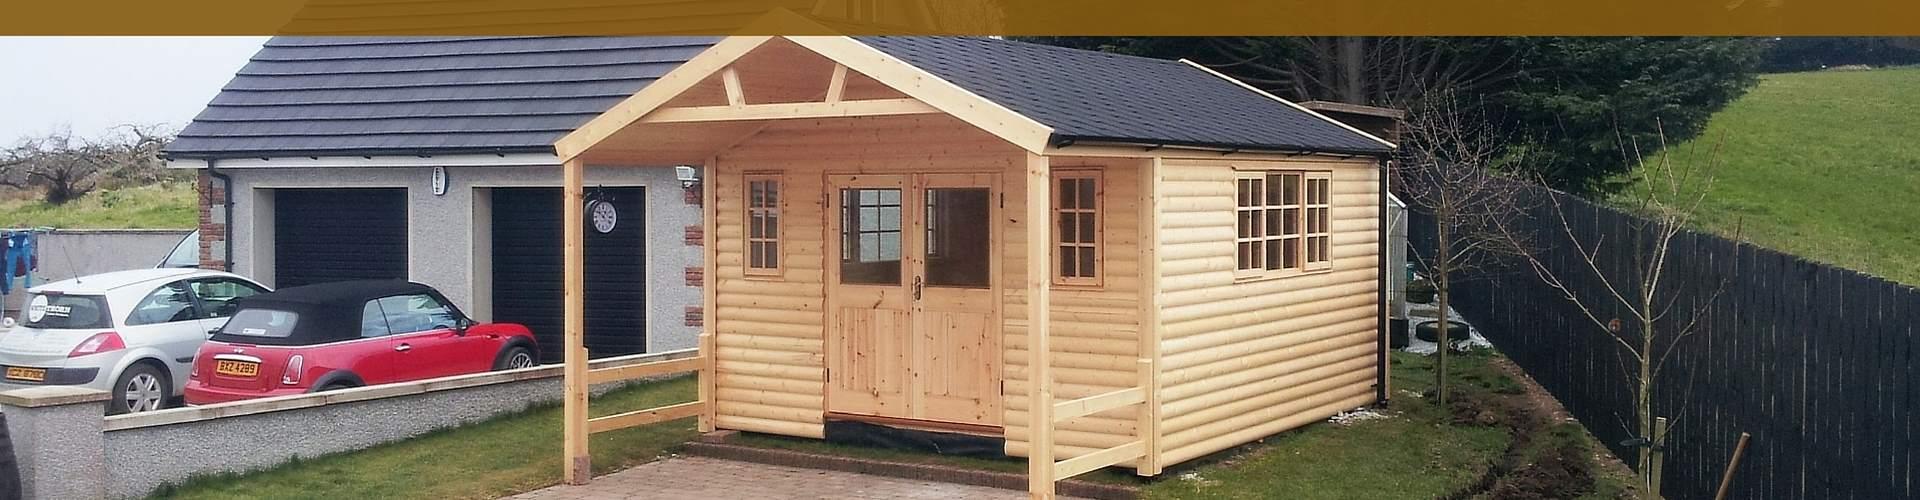 Garden Lodges - Garden Rooms NI